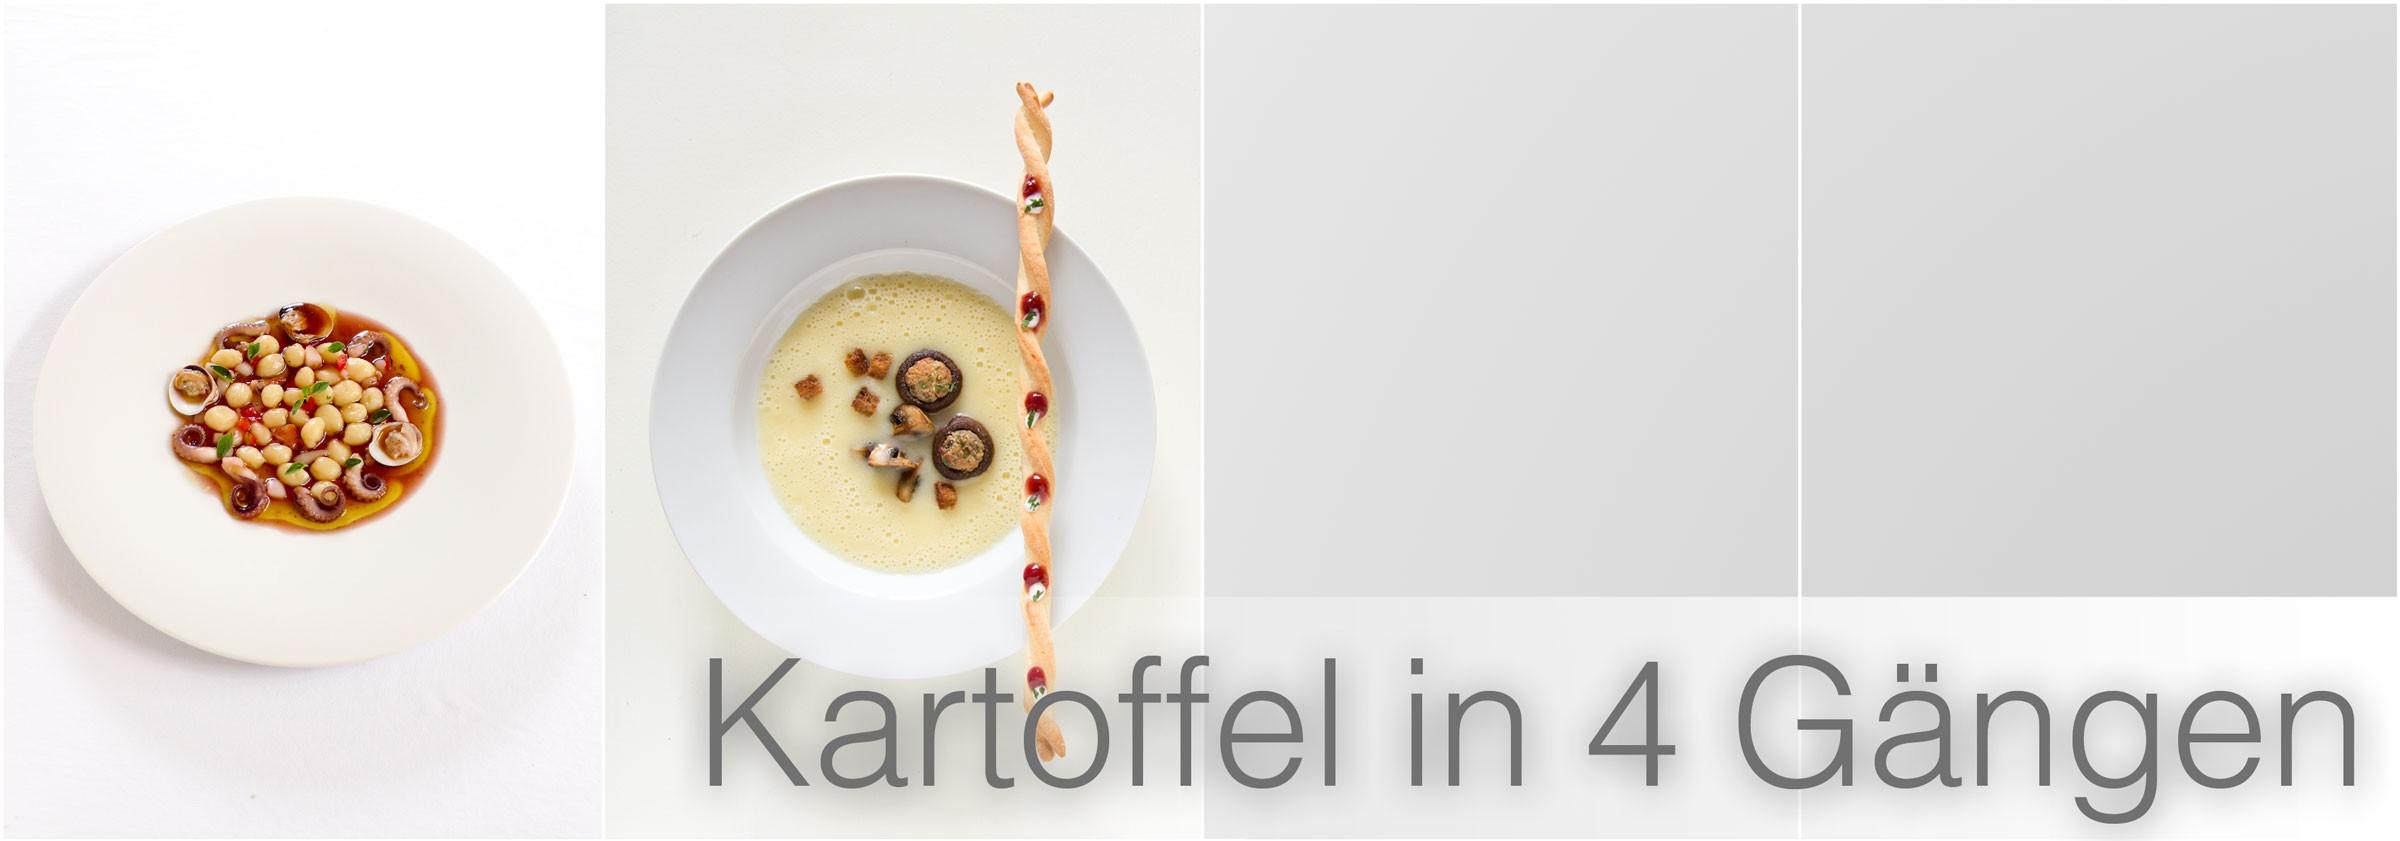 Kartoffel-in-4-Gängen-2